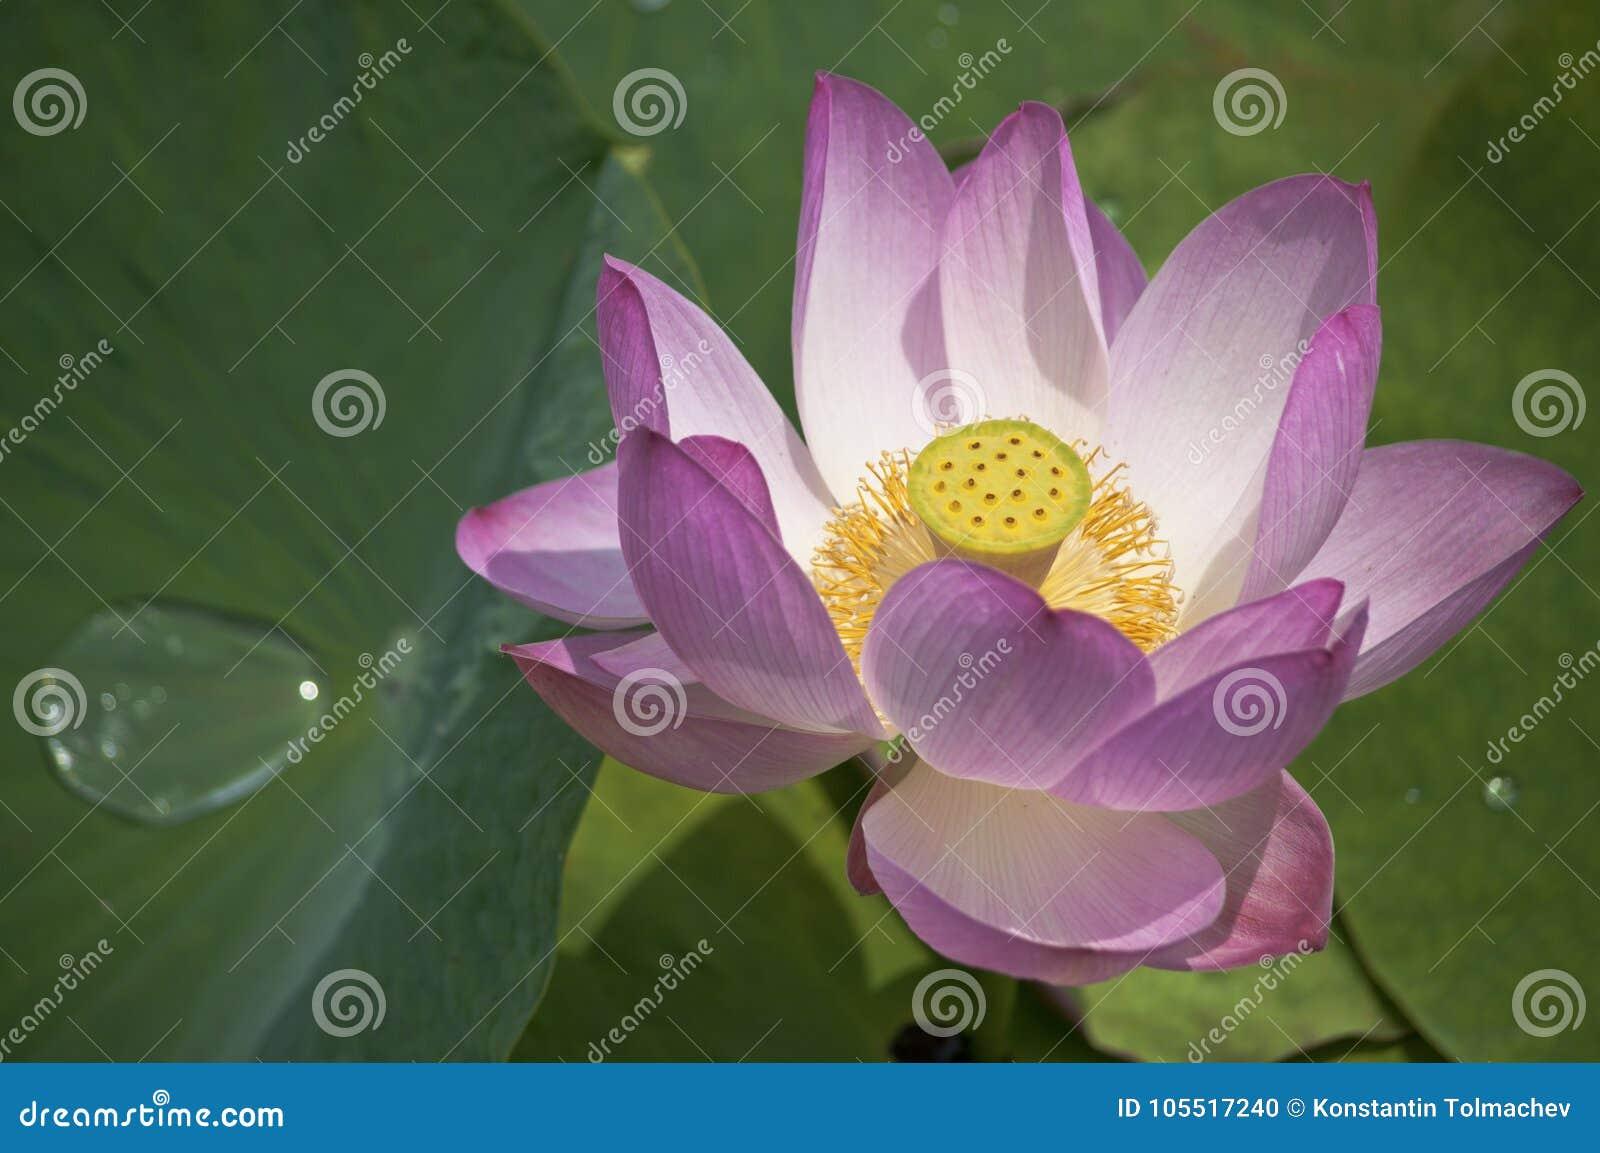 Lotus blomma/lotusblomma/natur av den avlägsna öst av Ryssland